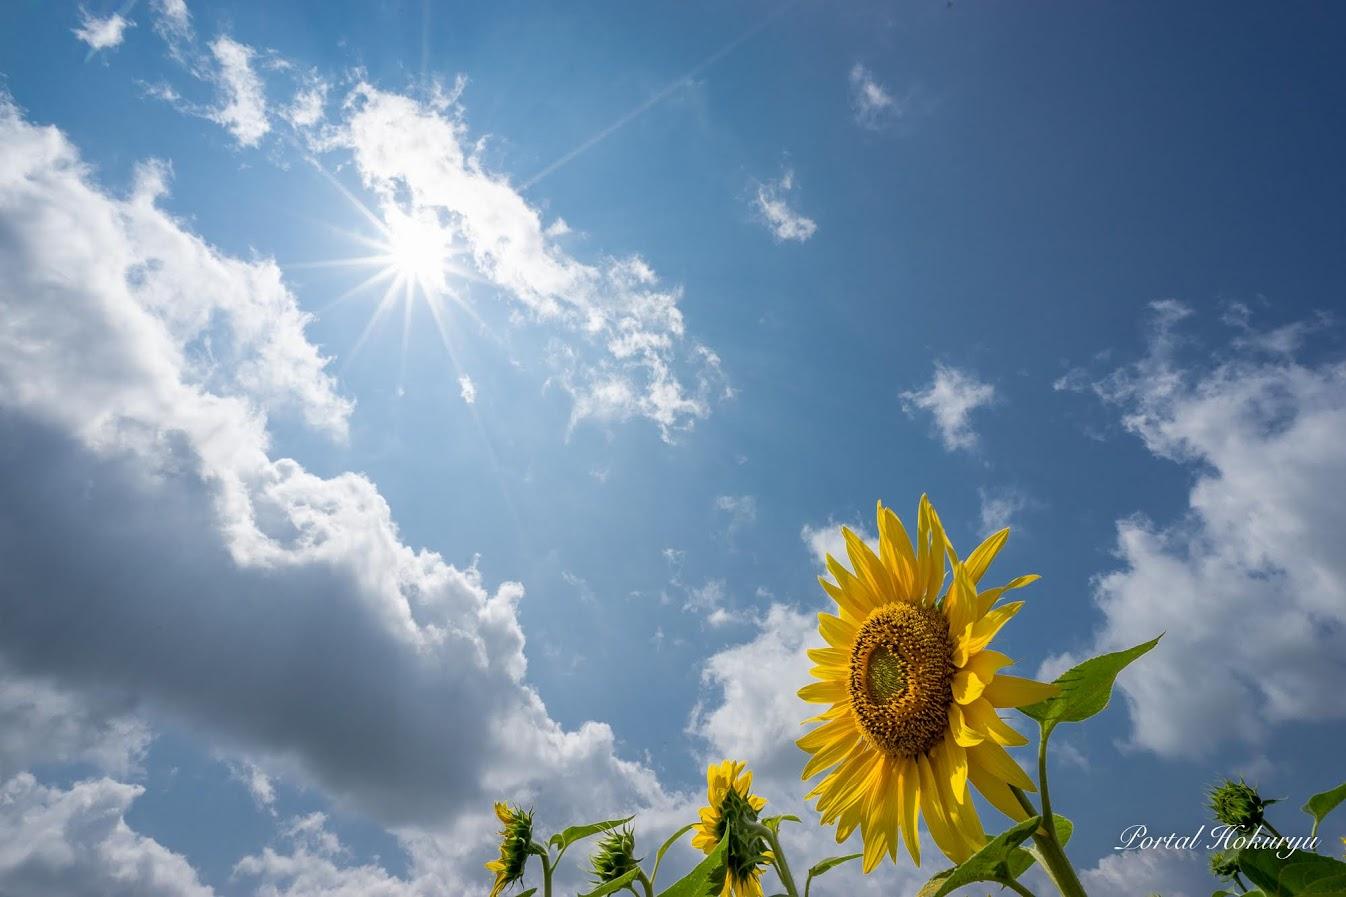 太陽をたっぷり浴びるひまわりさん